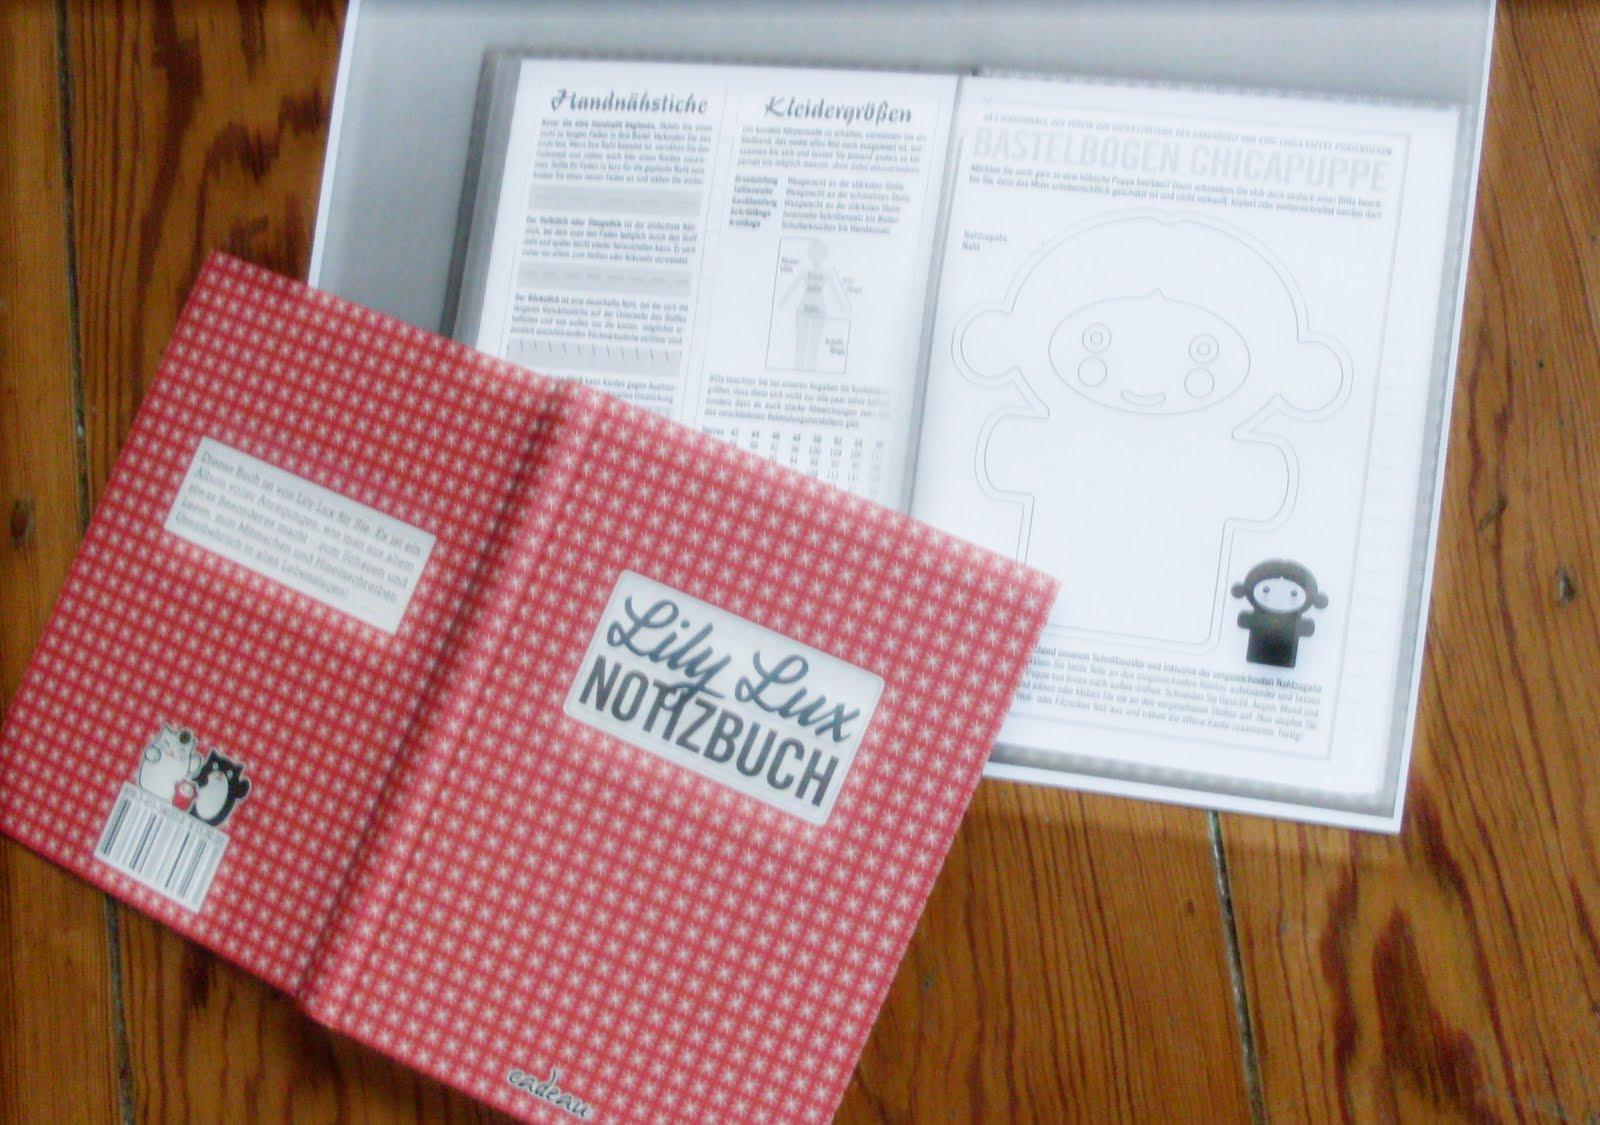 Foto vom Lily Lux Notizbuch und einer Fotokopie vom Schnittmuster der kleinen Chic Chica Puppe zum Selbernähen